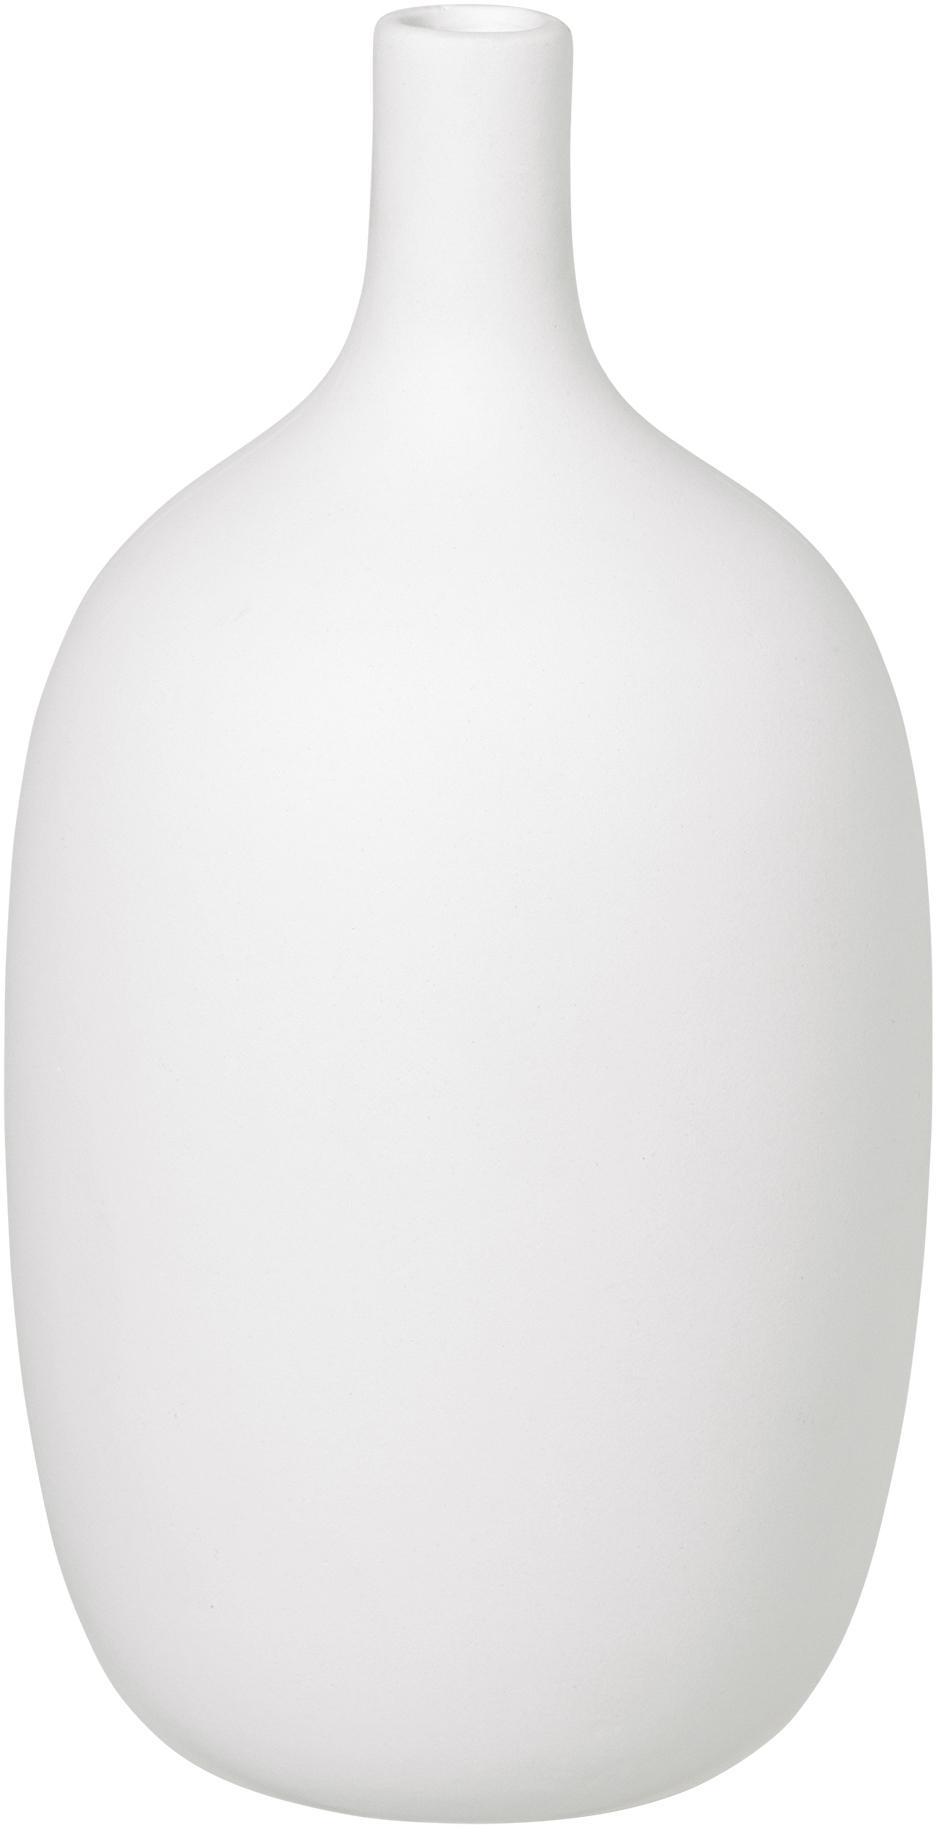 Blomus Váza bílá 11 cm CEOLA